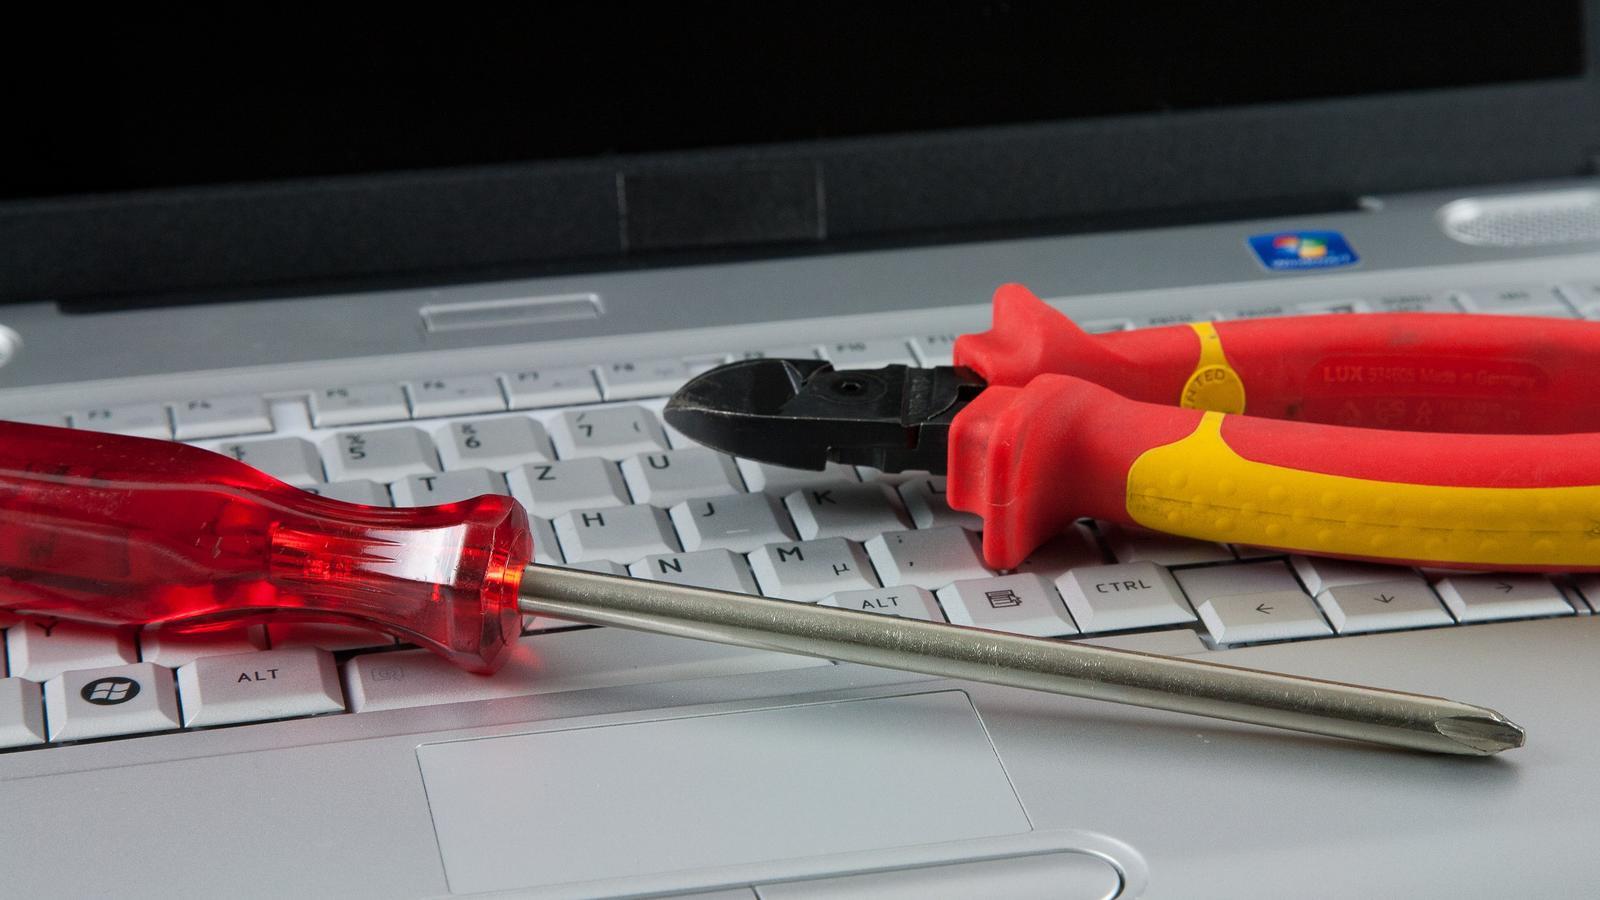 Wie oft haben Sie schon Dinge weggeschmissen, die man eigentlich noch hätte reparieren können?